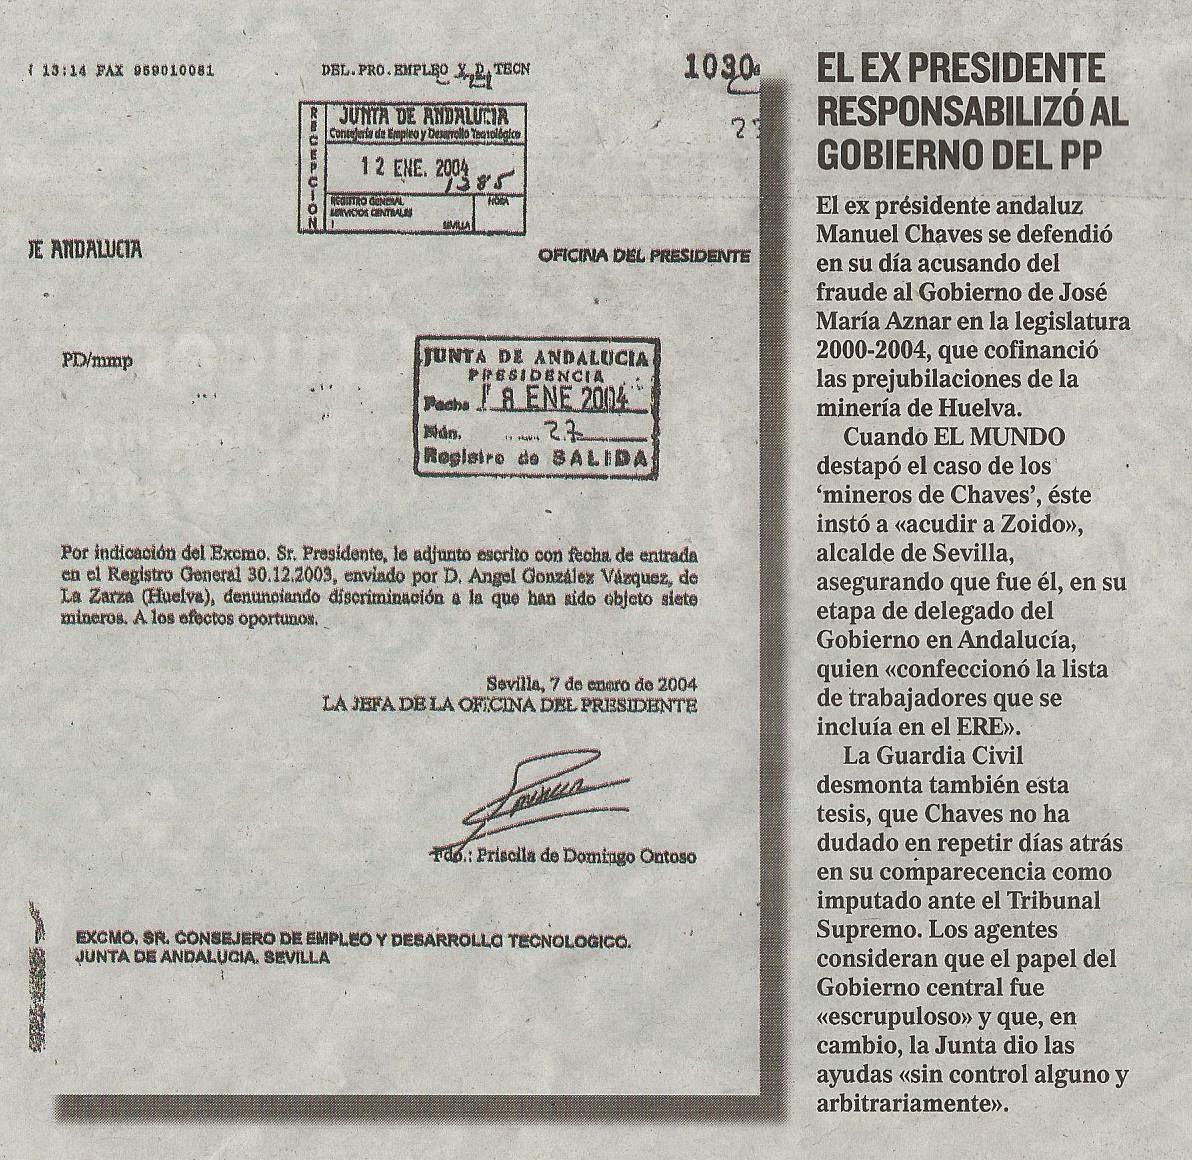 Defiendo mi derecho y la gestión pública: La Guardia Civil